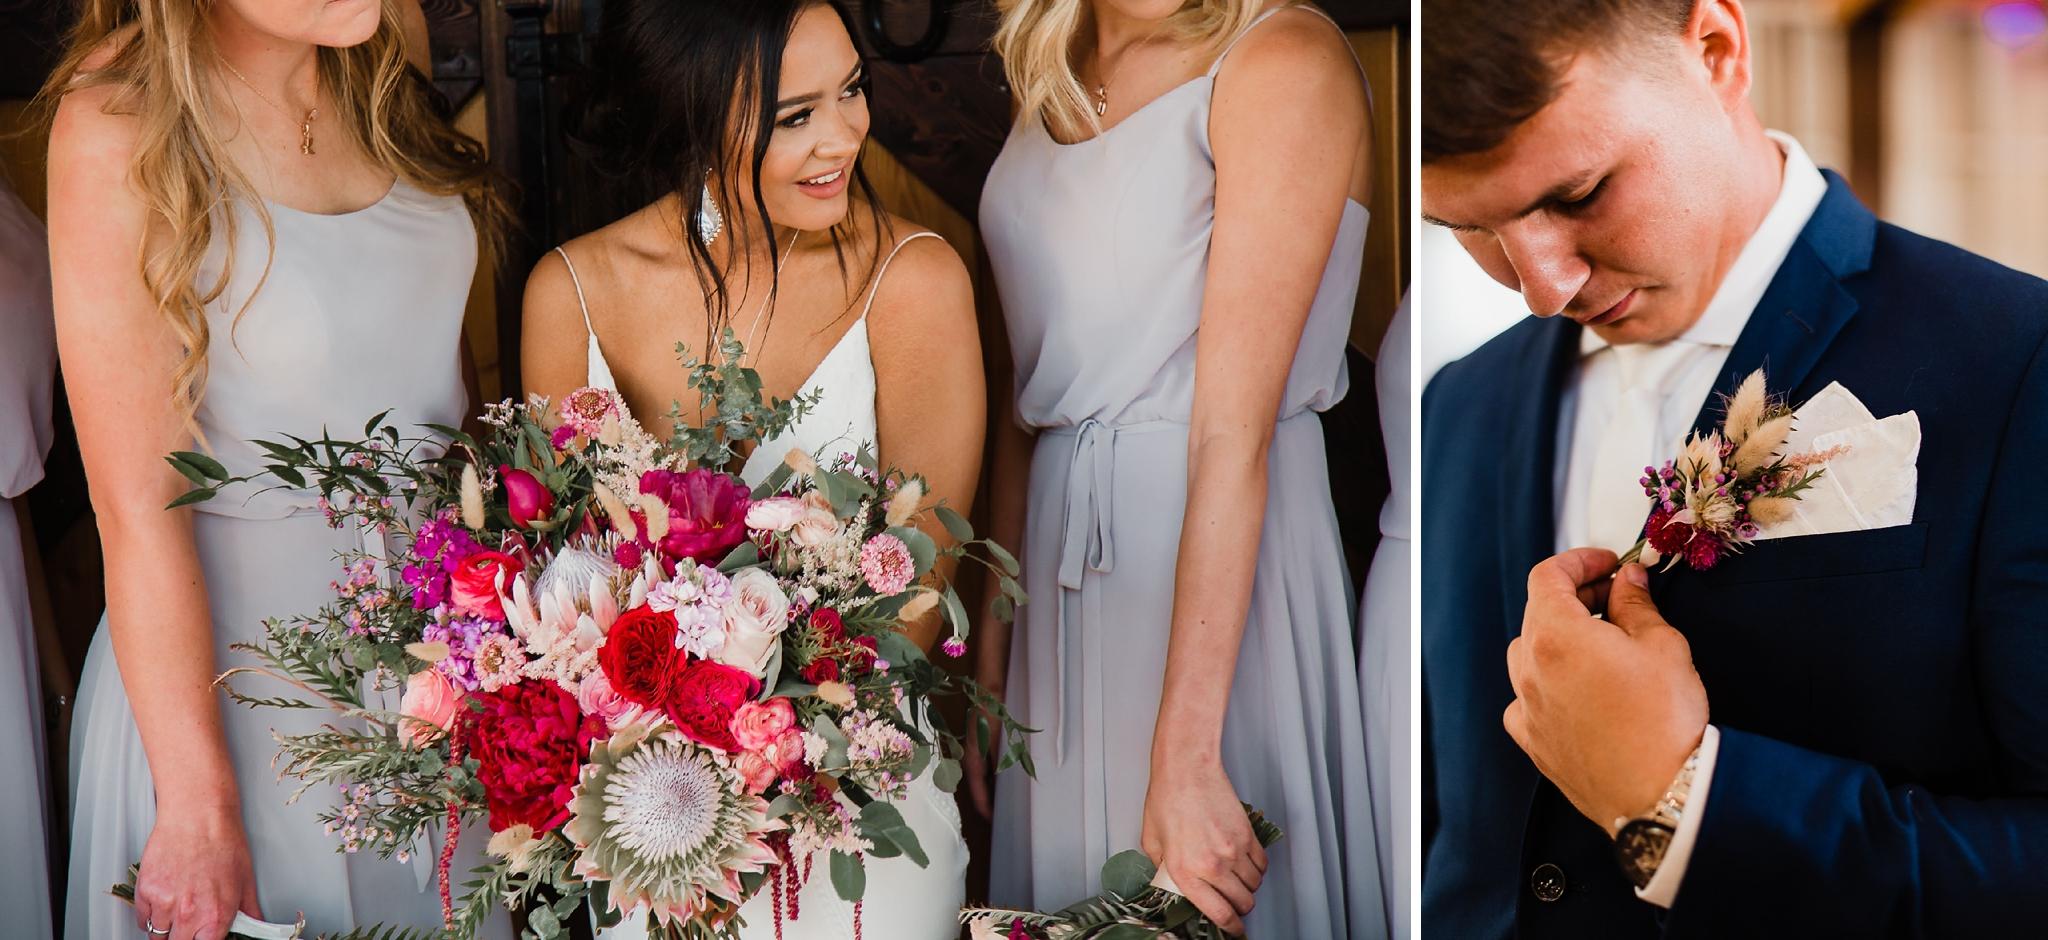 Alicia+lucia+photography+-+albuquerque+wedding+photographer+-+santa+fe+wedding+photography+-+new+mexico+wedding+photographer+-+new+mexico+wedding+-+new+mexico+wedding+-+wedding+florals+-+desert+wedding+-+wedding+trends_0076.jpg